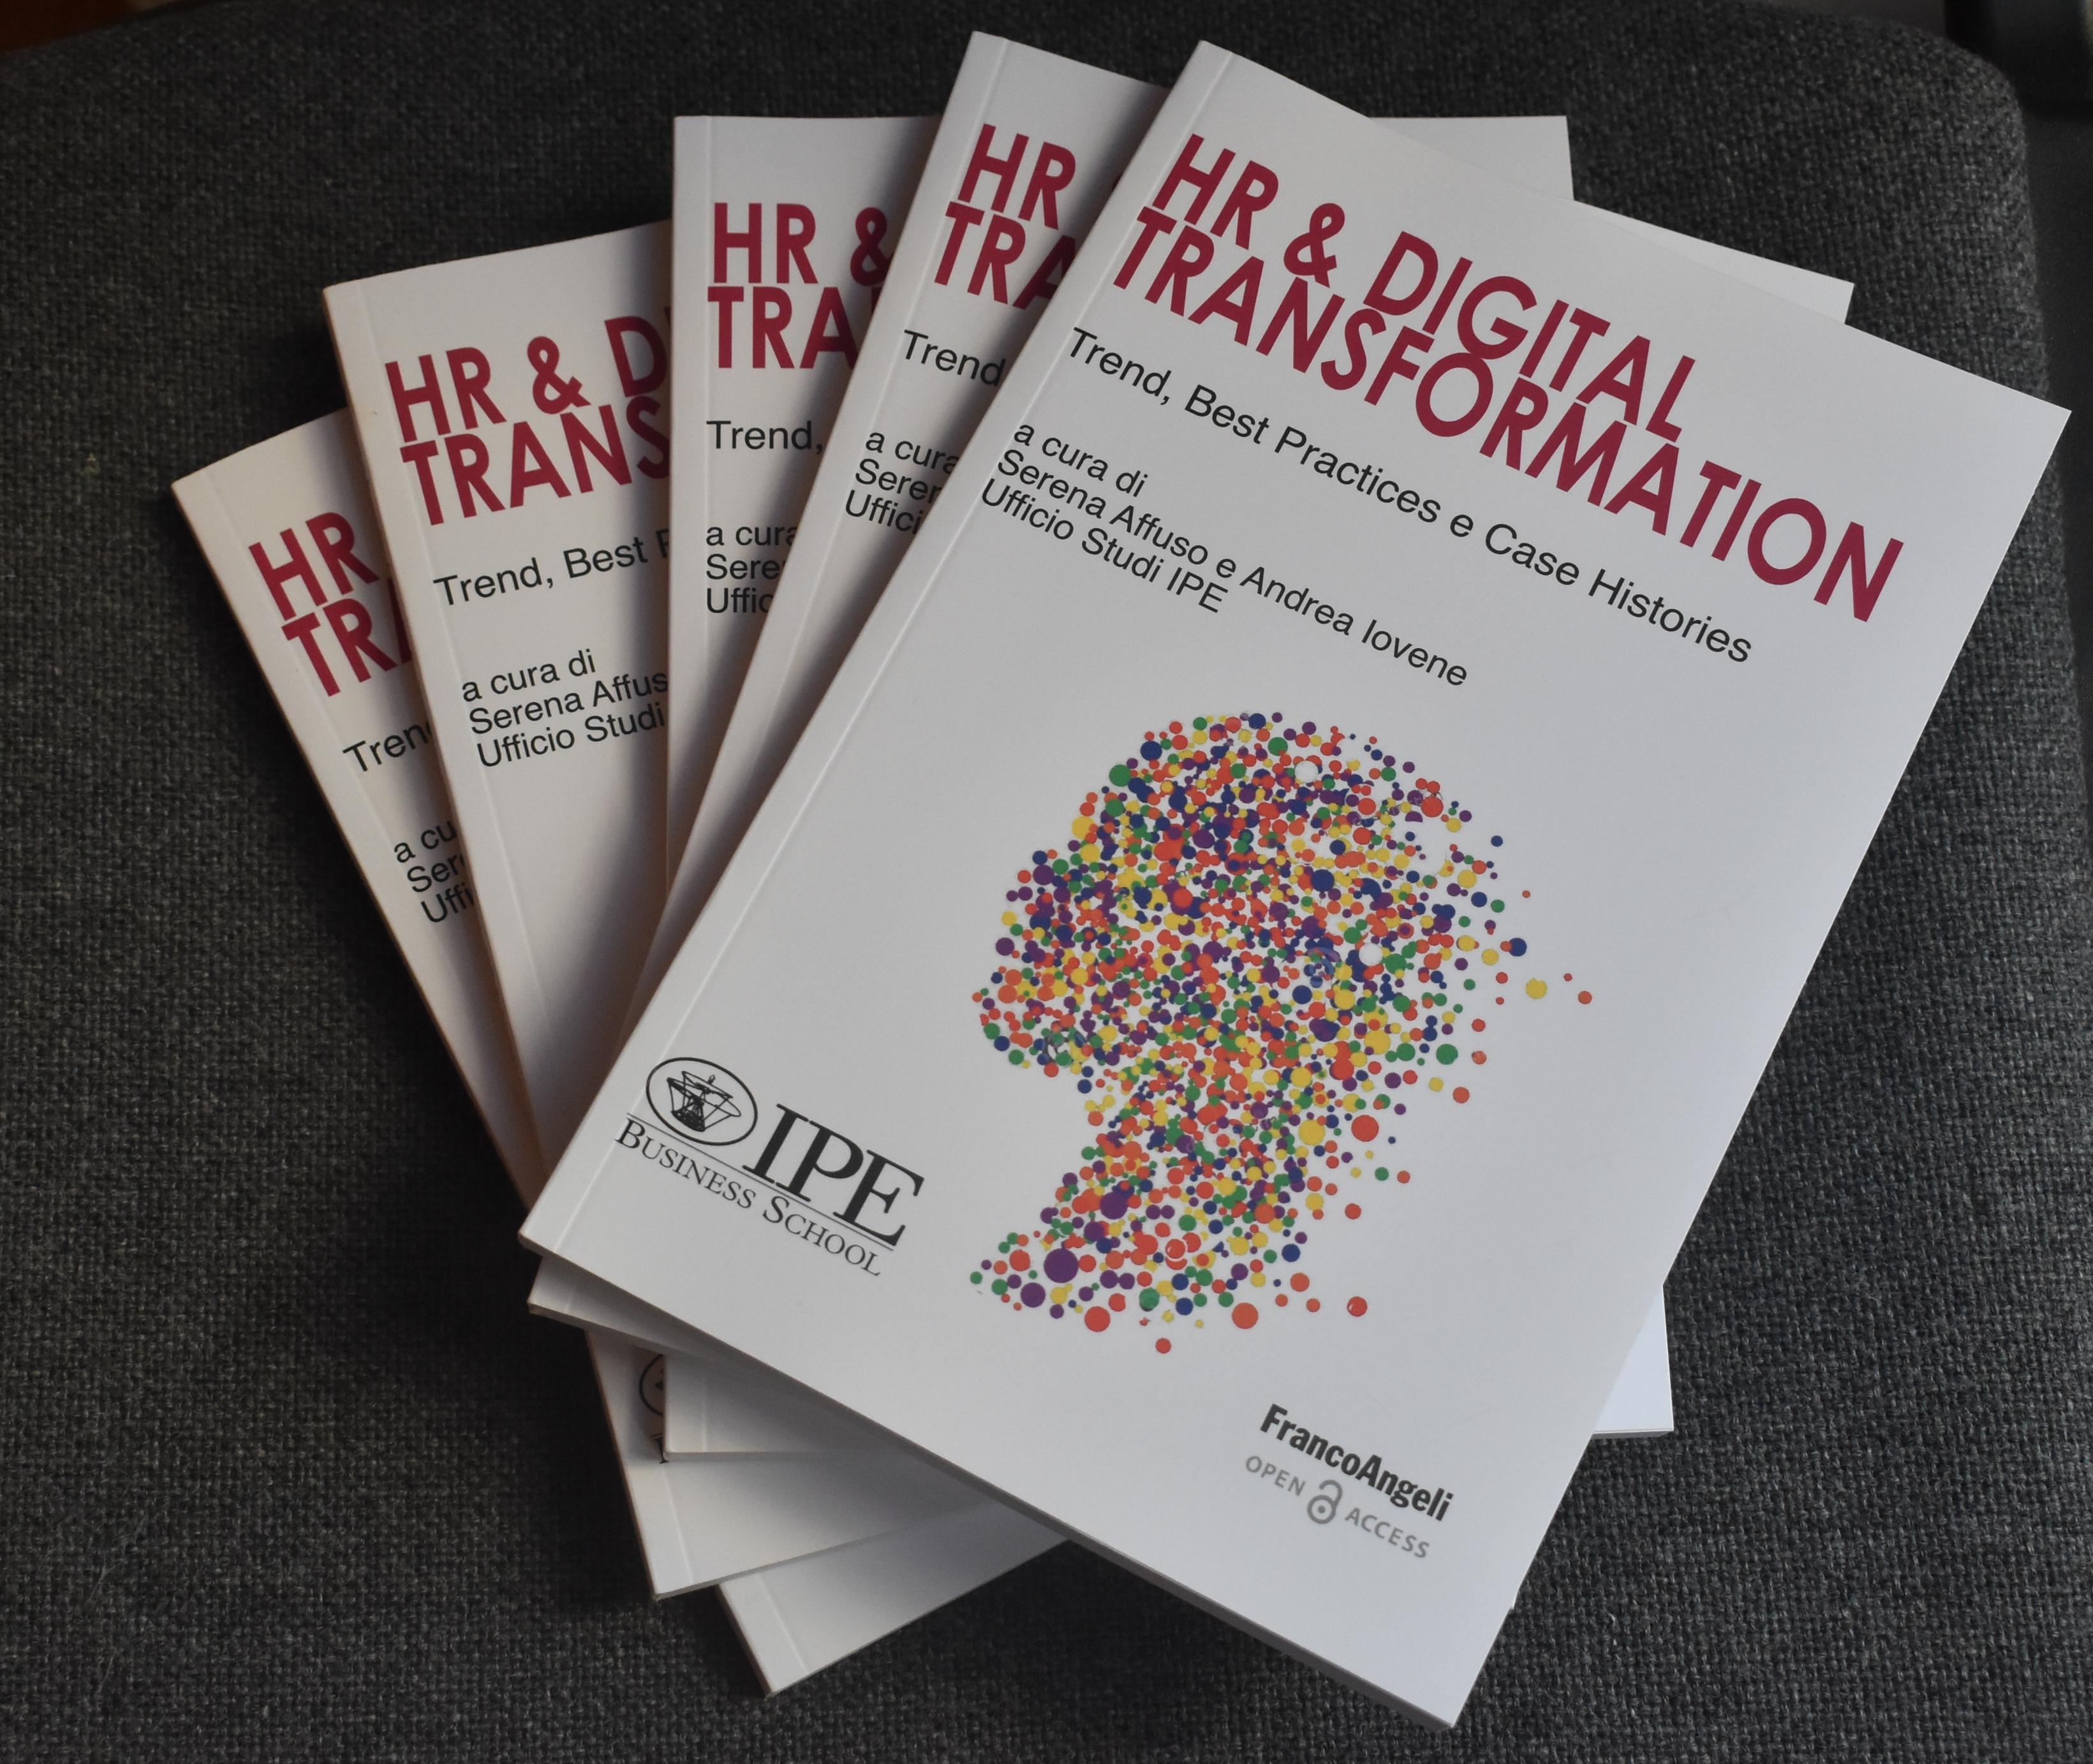 Libri_HR_digital_transformation